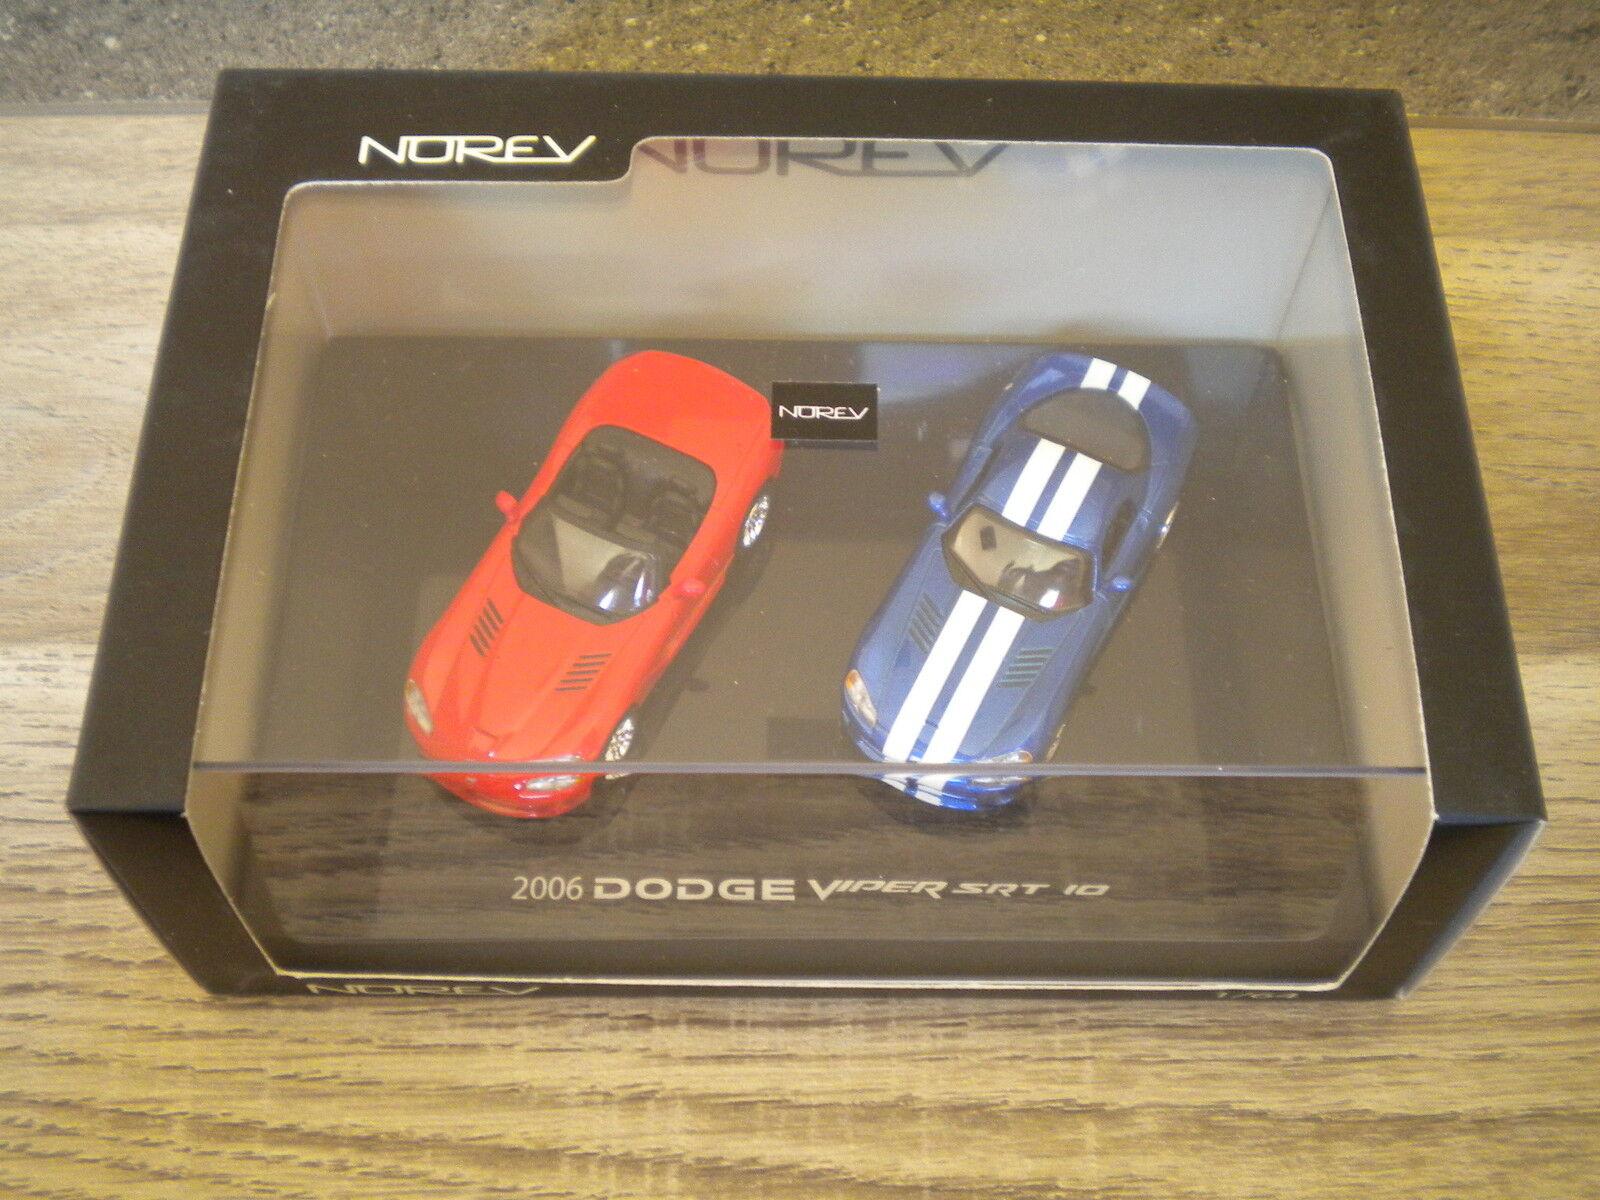 Norev dodge viper srt 10 boîte plexiglas 2006   2 voitures 1   64 °